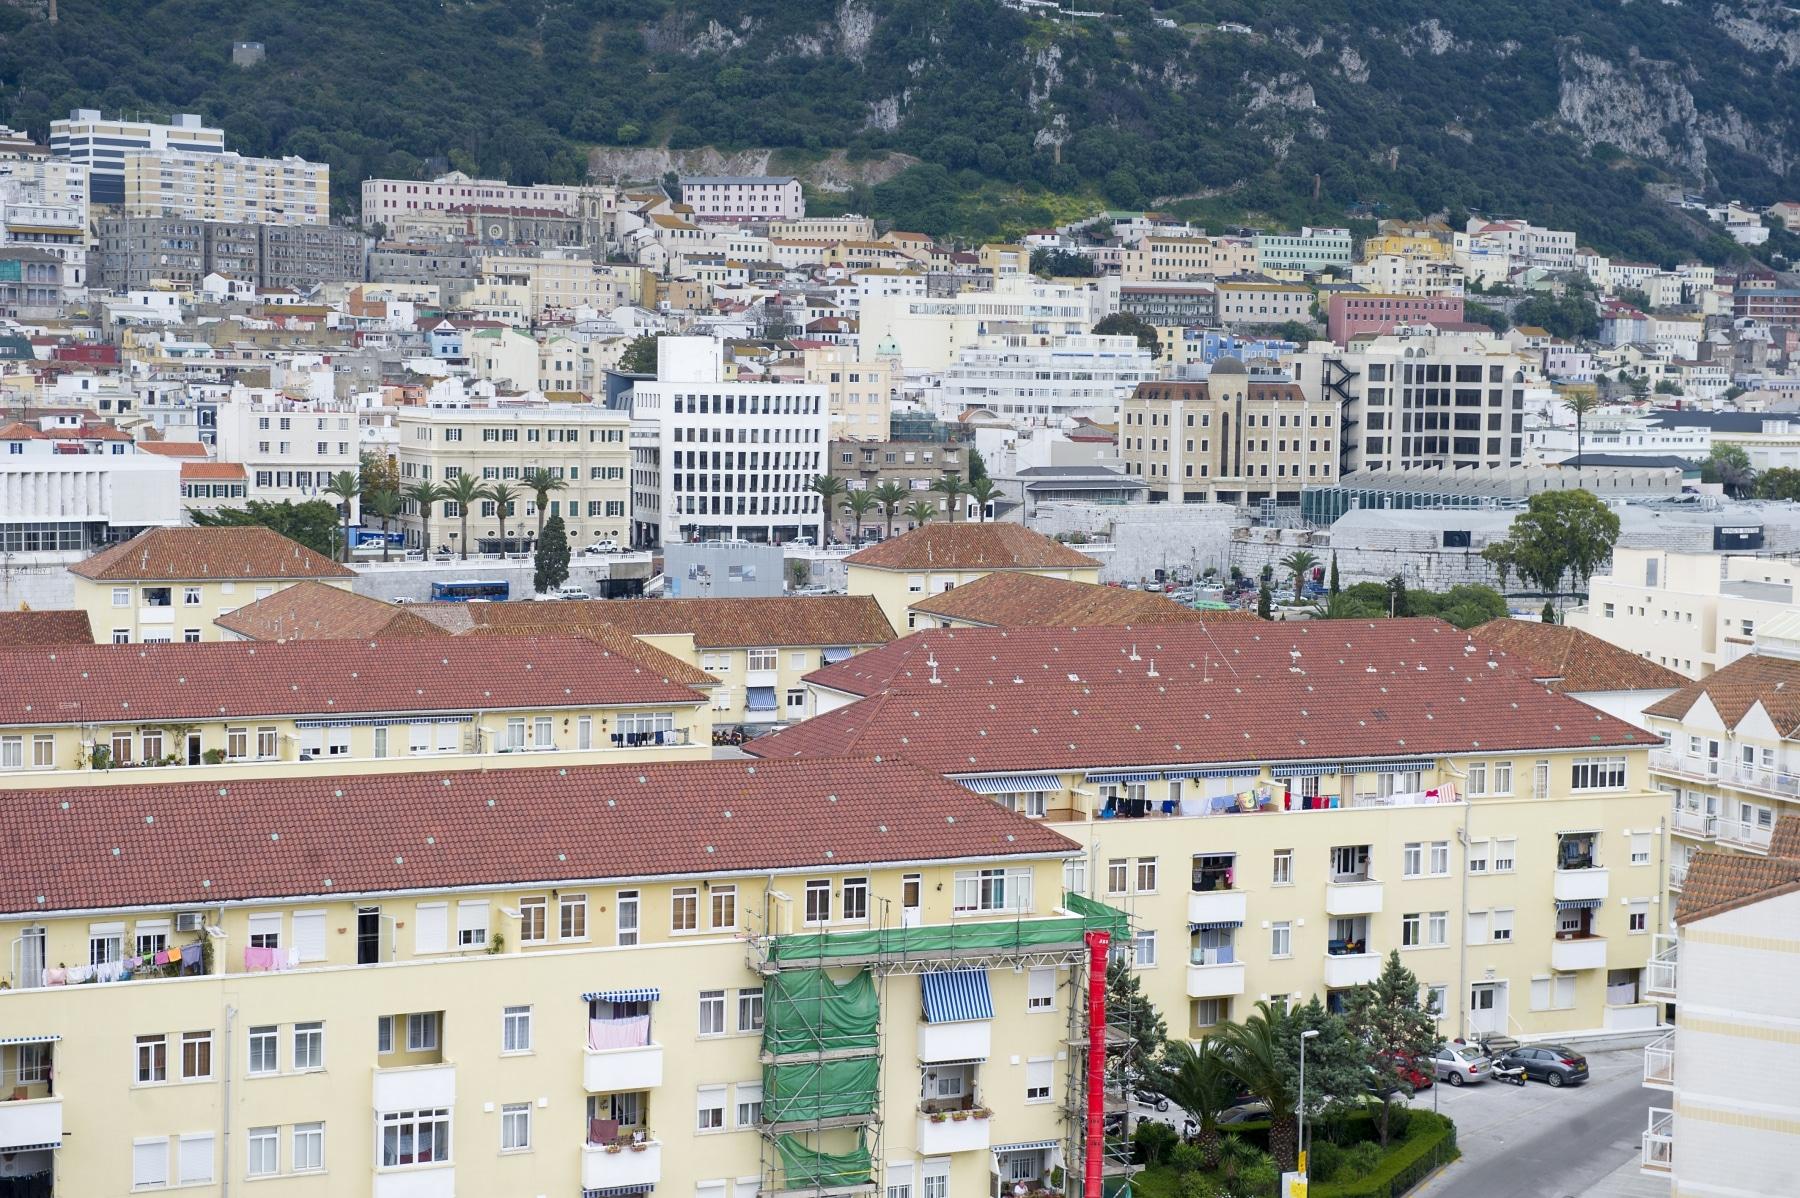 paisajes-urbanos-gibraltar-01_9225043380_o